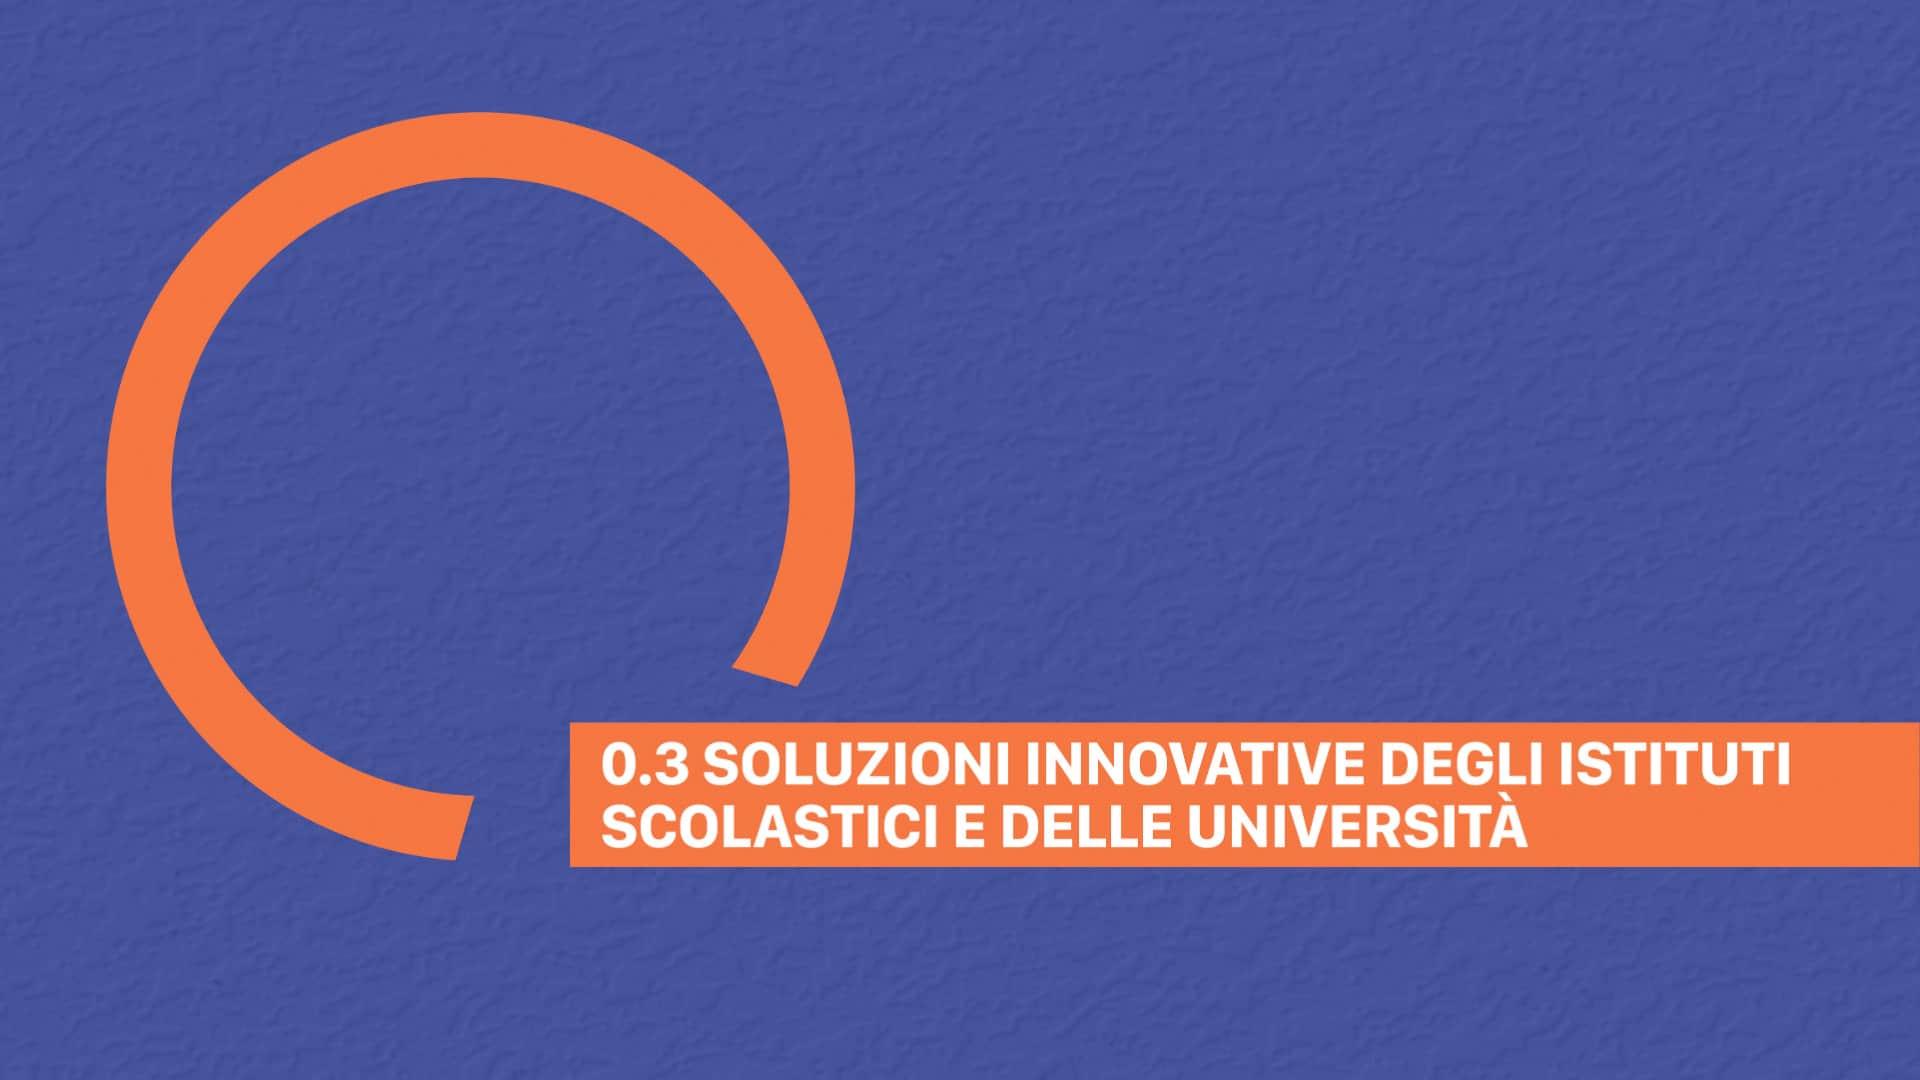 0.3 SOLUZIONI INNOVATIVE DEGLI ISTITUTI SCOLASTICI E DELLE UNIVERSITÀ